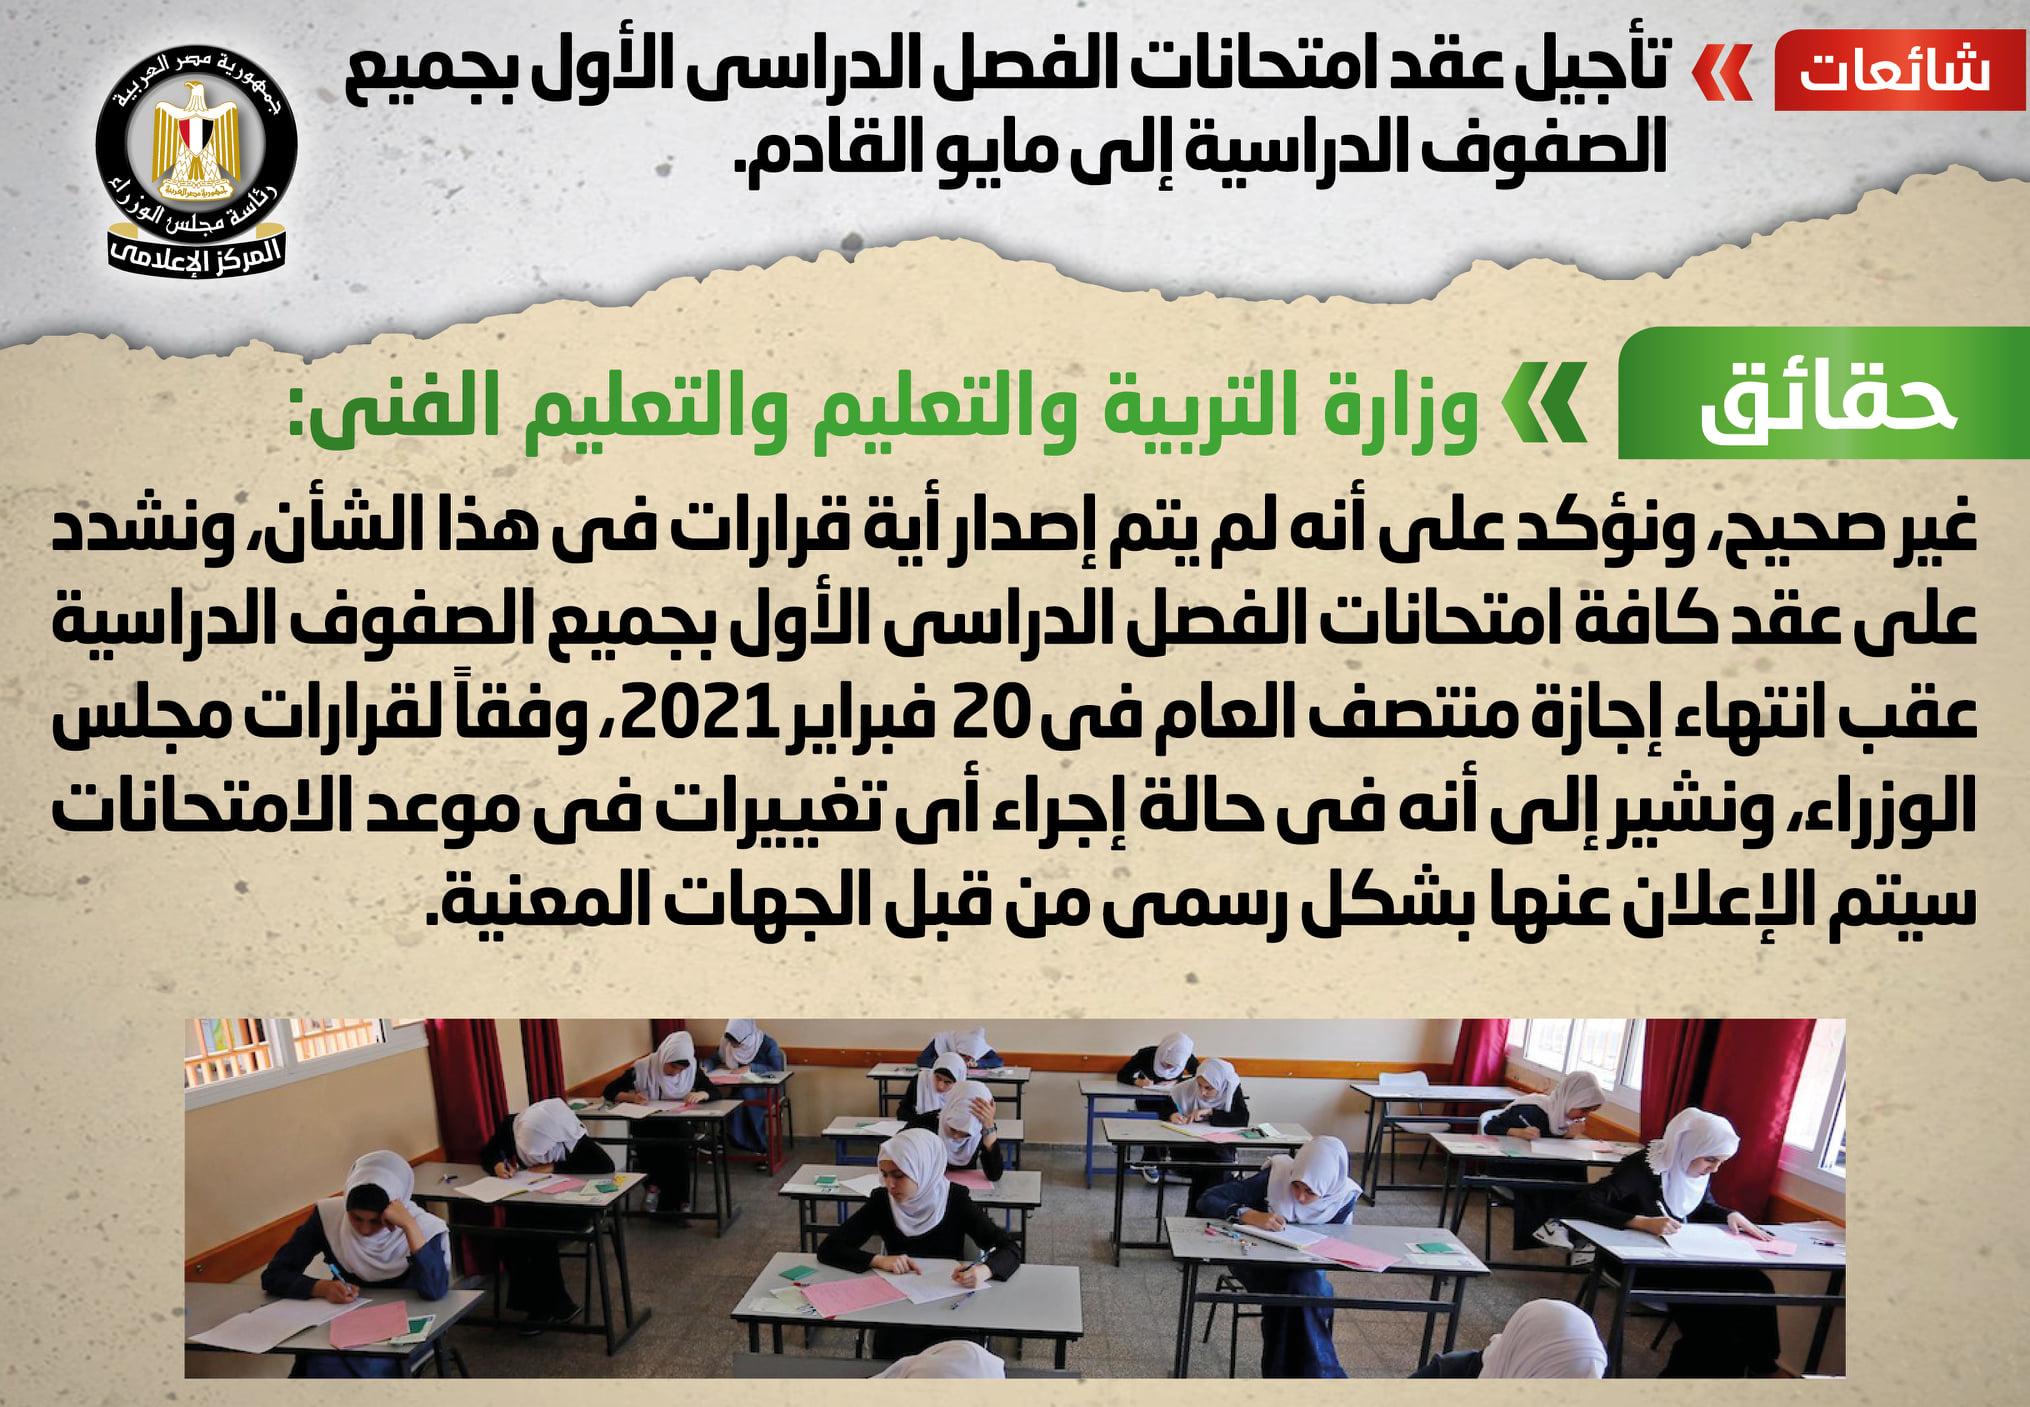 مصادر تكشف موعد امتحانات الترم الأول 2021 وملامح الحضور بالترم الثاني ونظام الدراسة وبيان من مجلس الوزراء 3